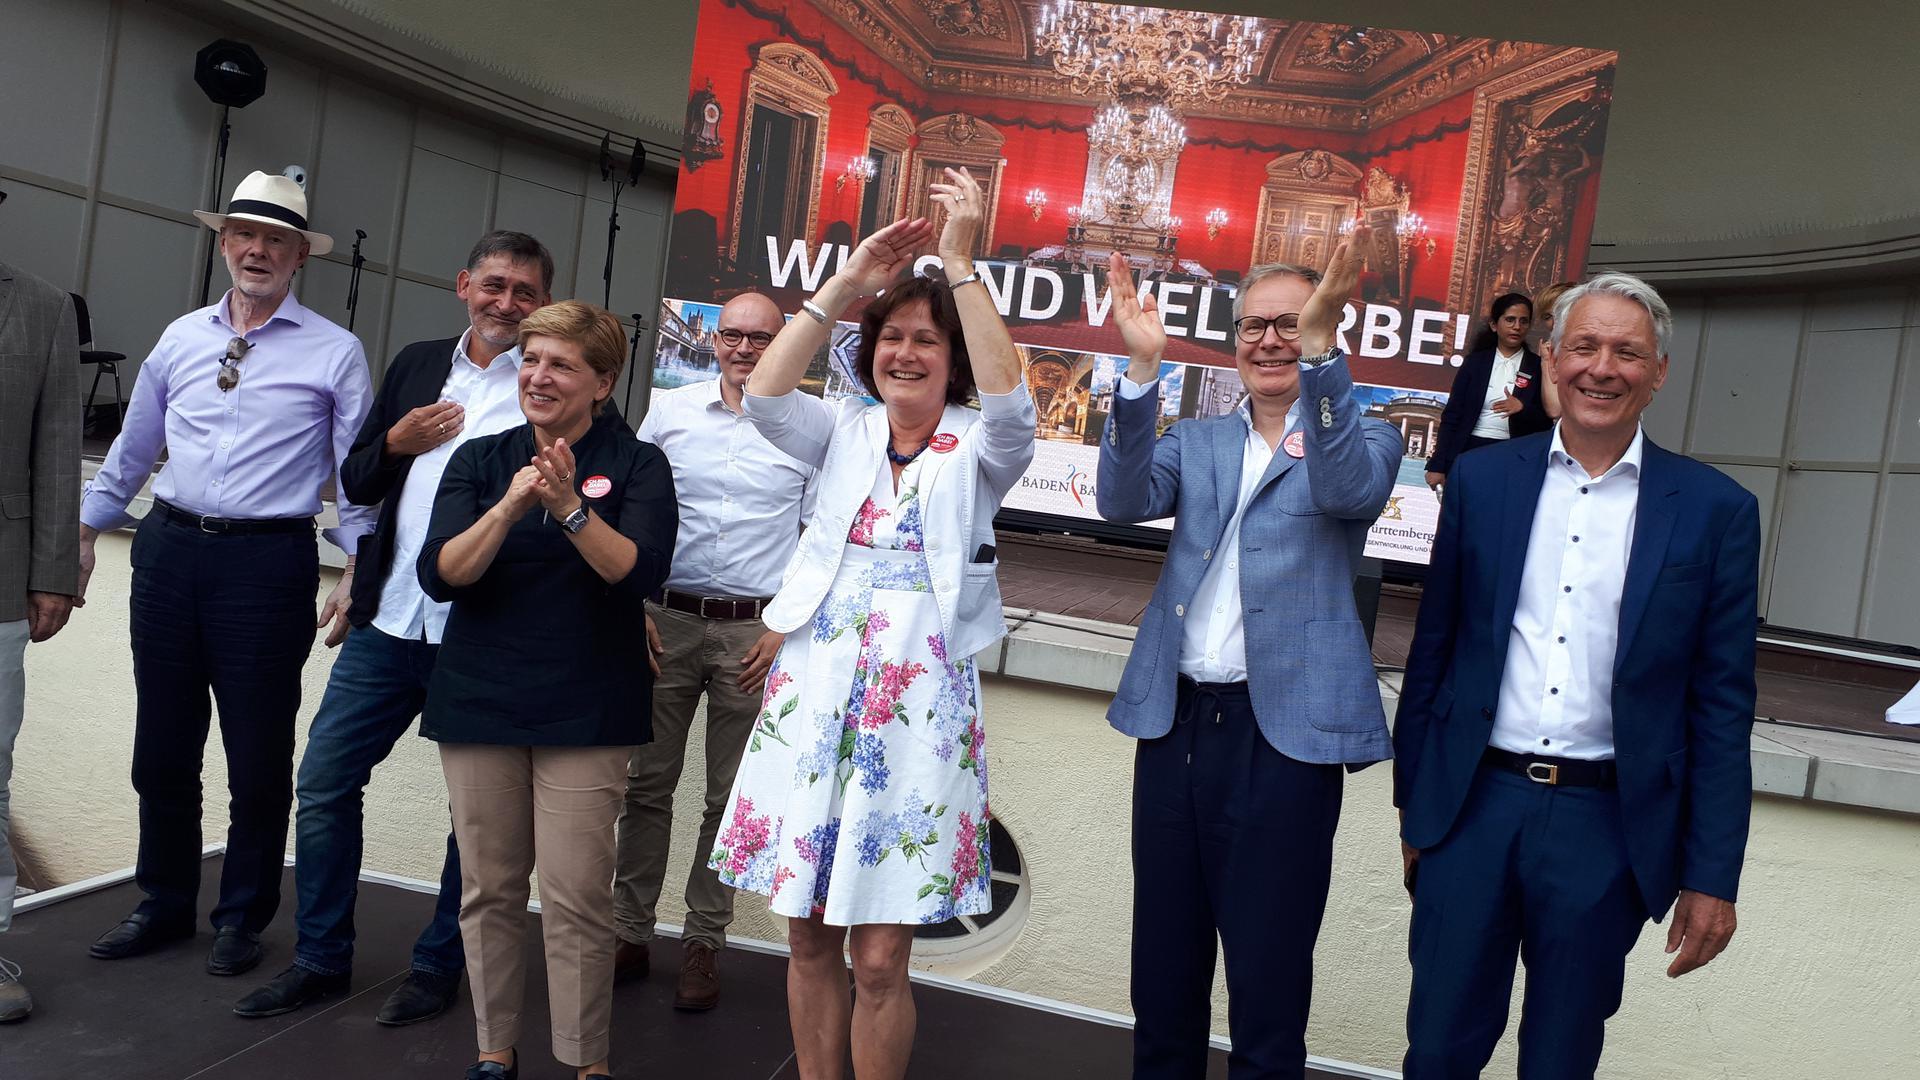 Großer Jubel im Baden-Badener Kurpark, nachdem die Unesco ihre Welterbe-Entscheidung bekannt gegeben hat.